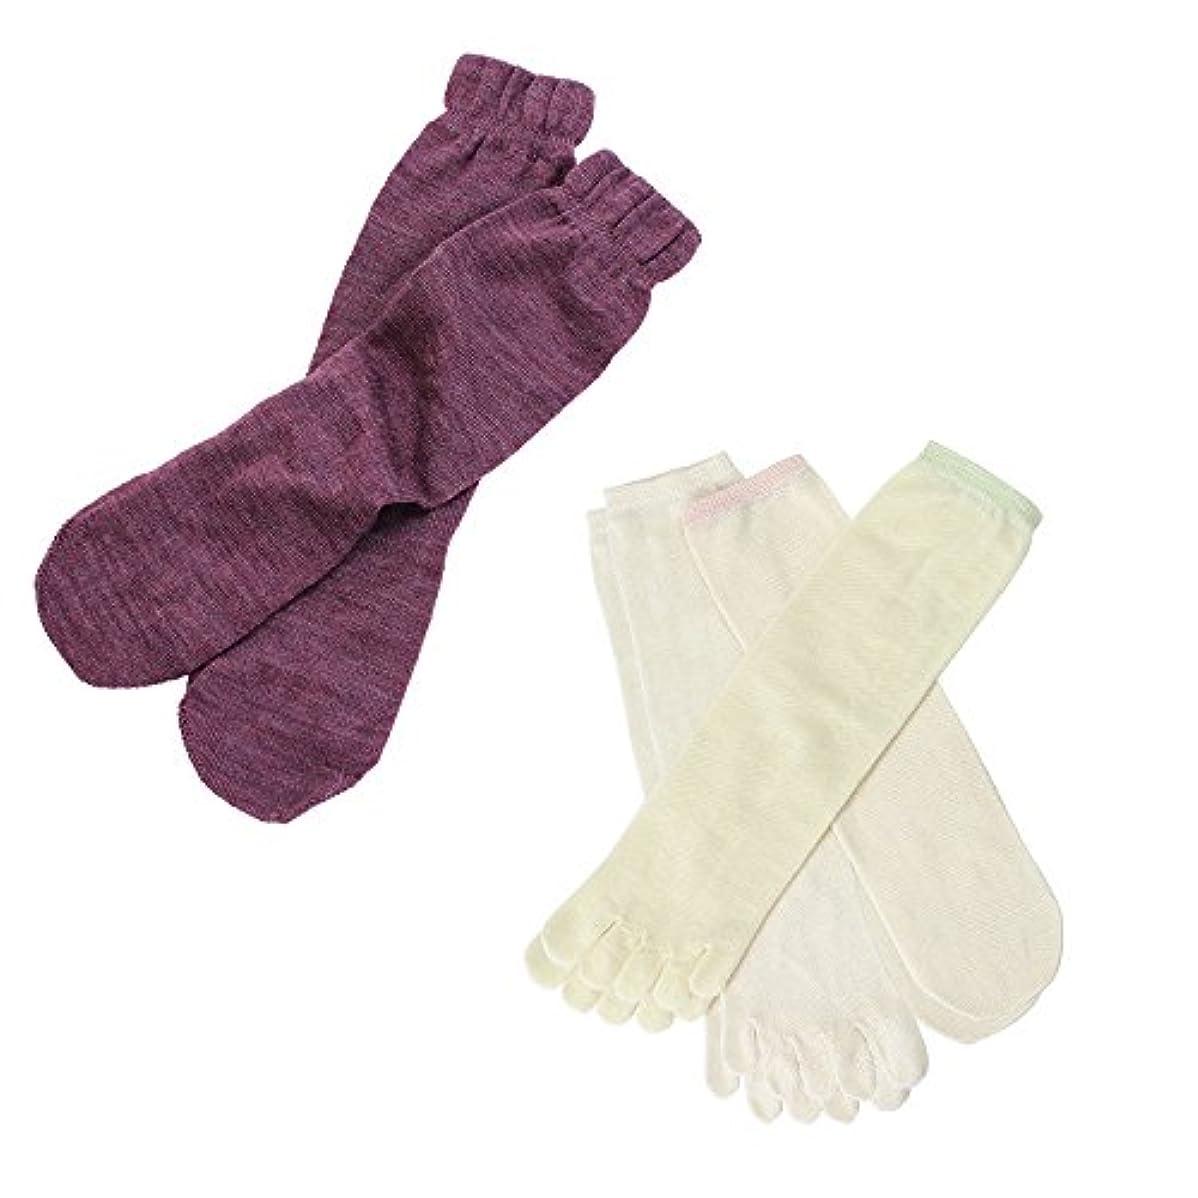 入学する落ち着くポーンhiorie(ヒオリエ) 日本製 冷えとり靴下 シルク&ウール 5本指ソックス(重ねばき専用 4足セット) 正絹